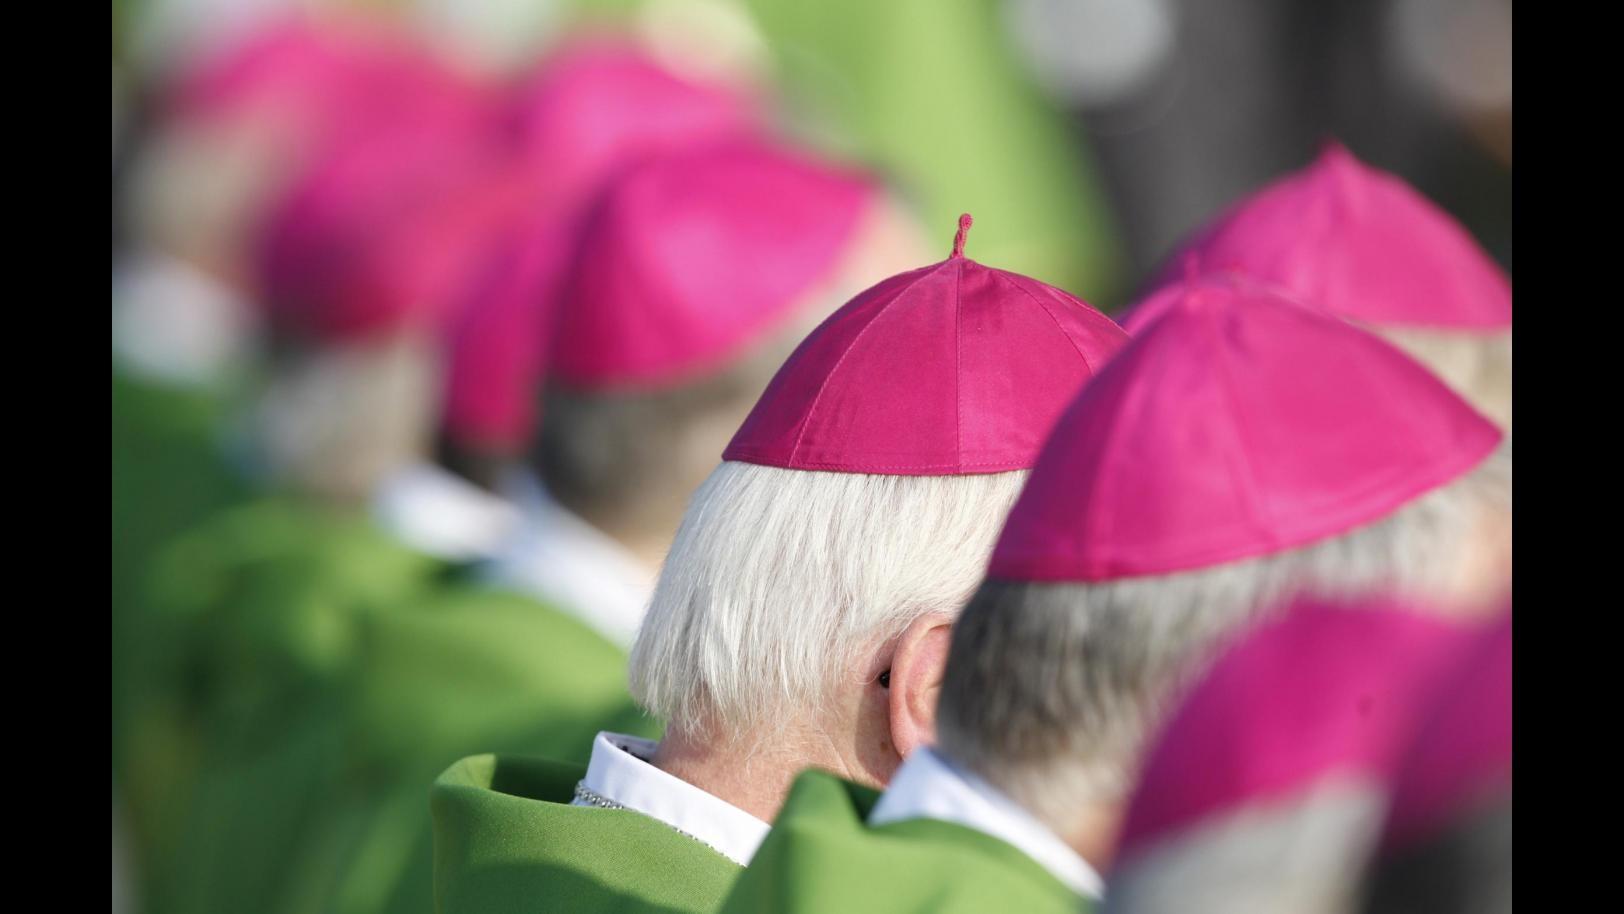 Gmg, 'febbre del sabato sera' per i vescovi: a flashmob ballano e cantano